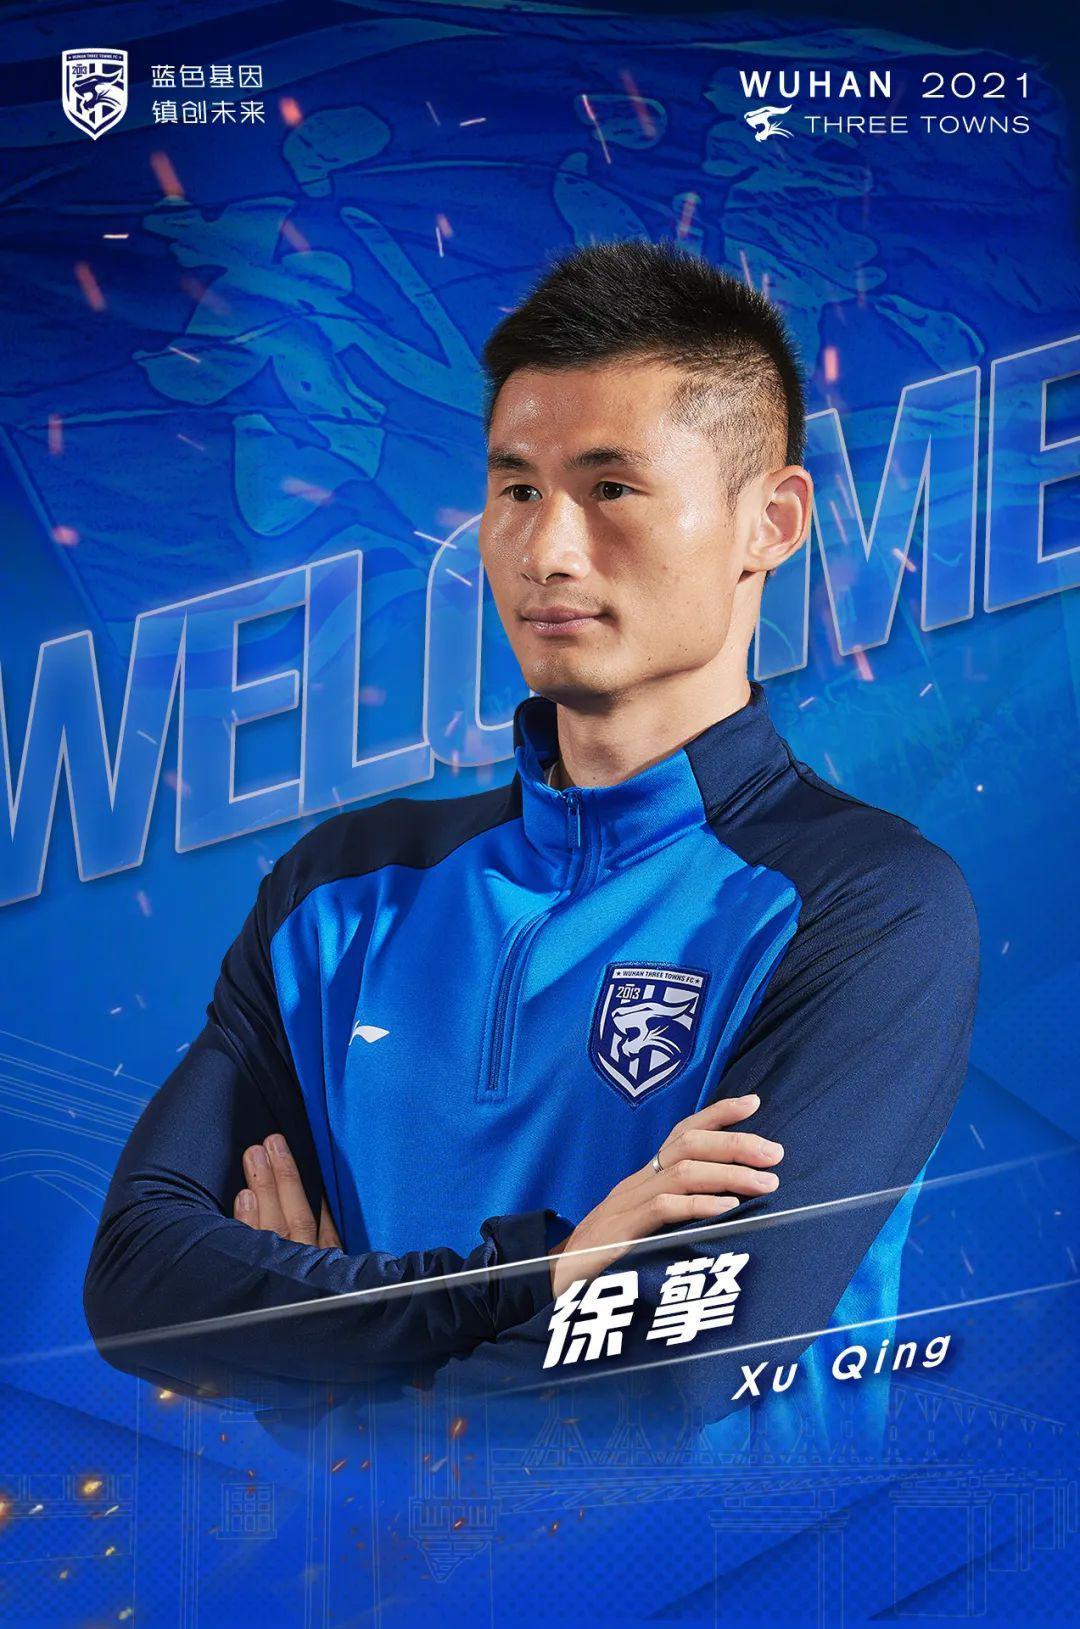 武汉三镇宣布张晓彬等三将加盟 在中甲赛场创佳绩